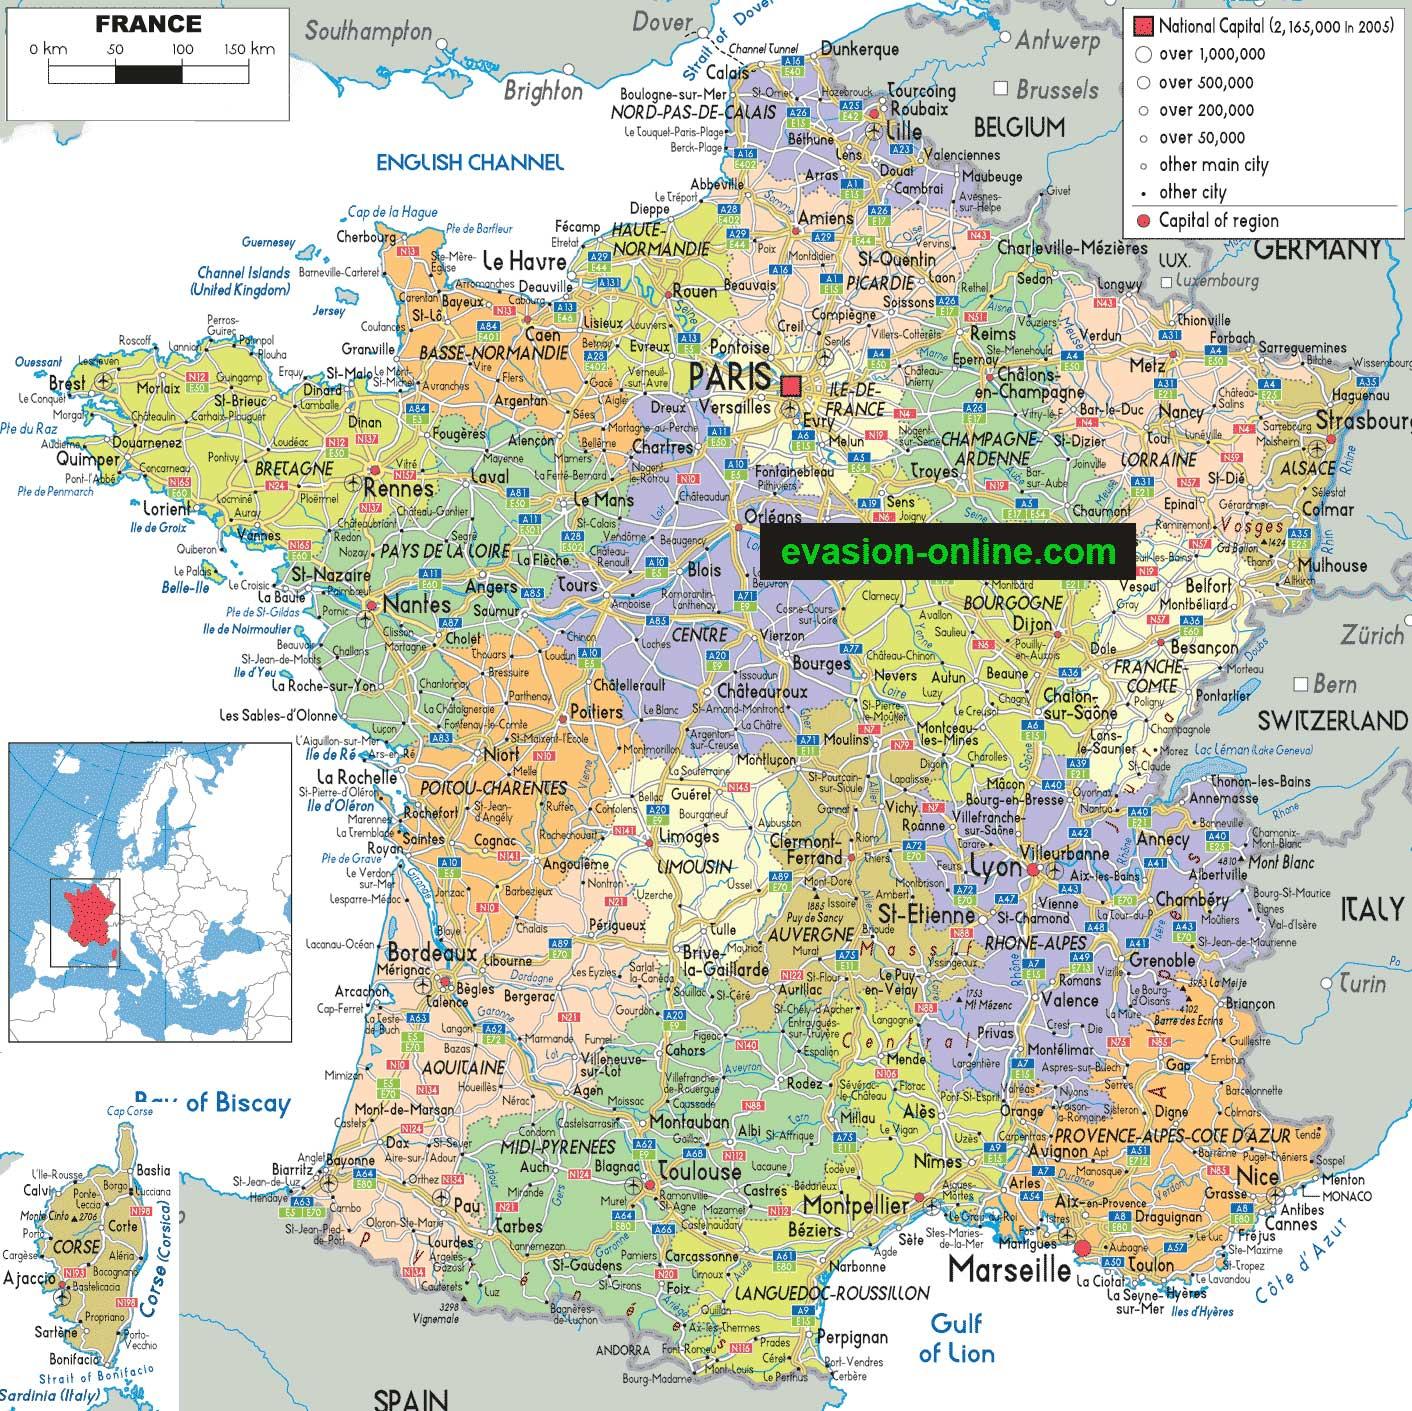 La Carte De France Avec Ses Régions » Vacances - Arts intérieur Carte De France Avec Region